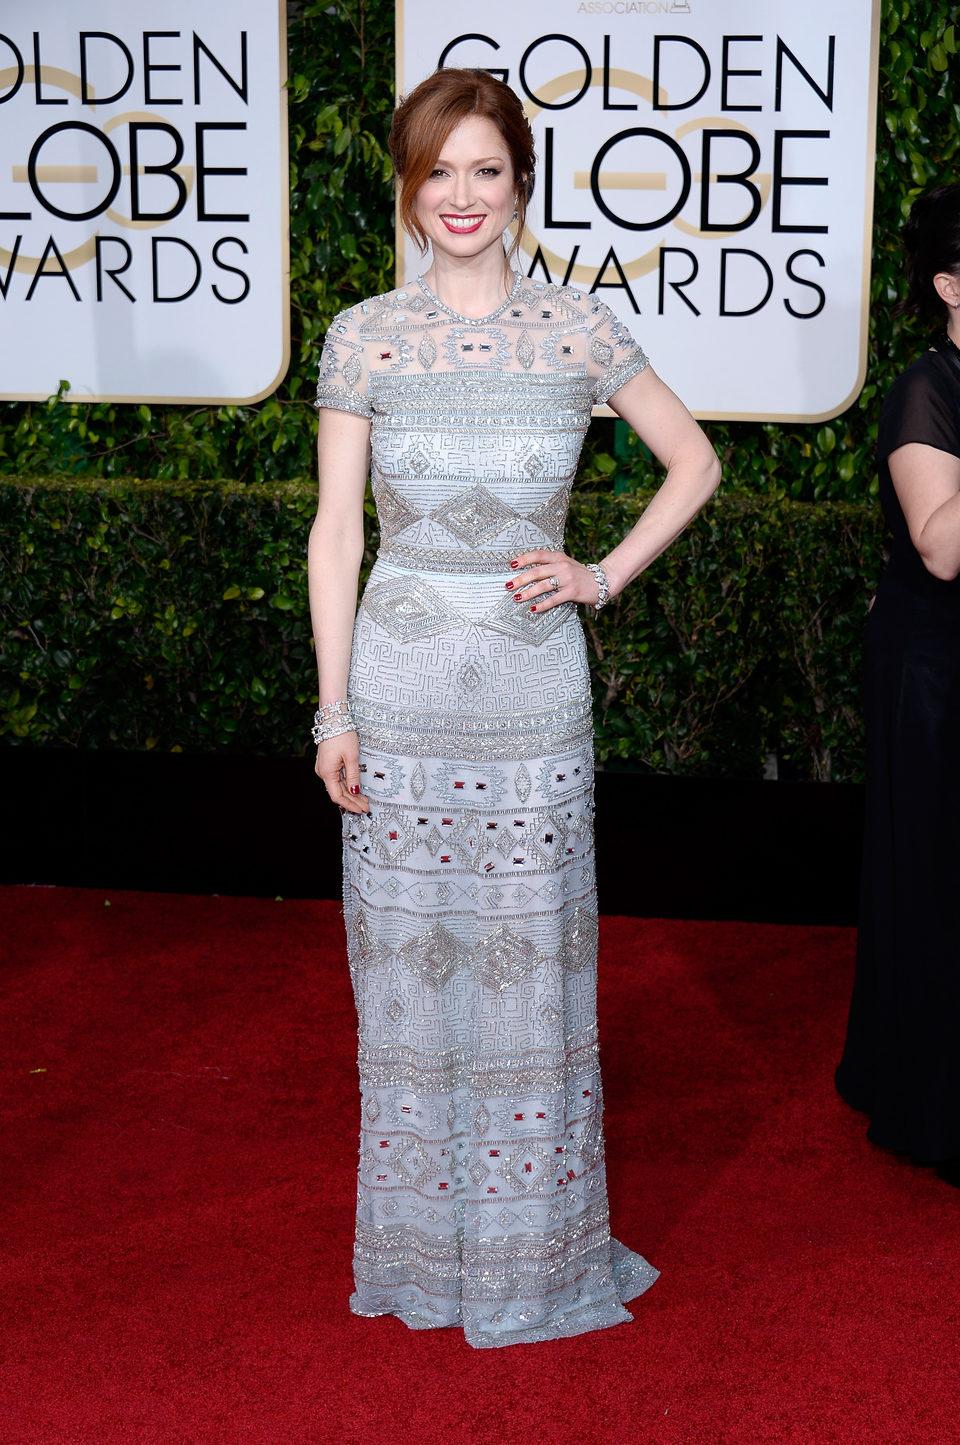 Ellie Kemper en la alfombra roja de los Globos de Oro 2015